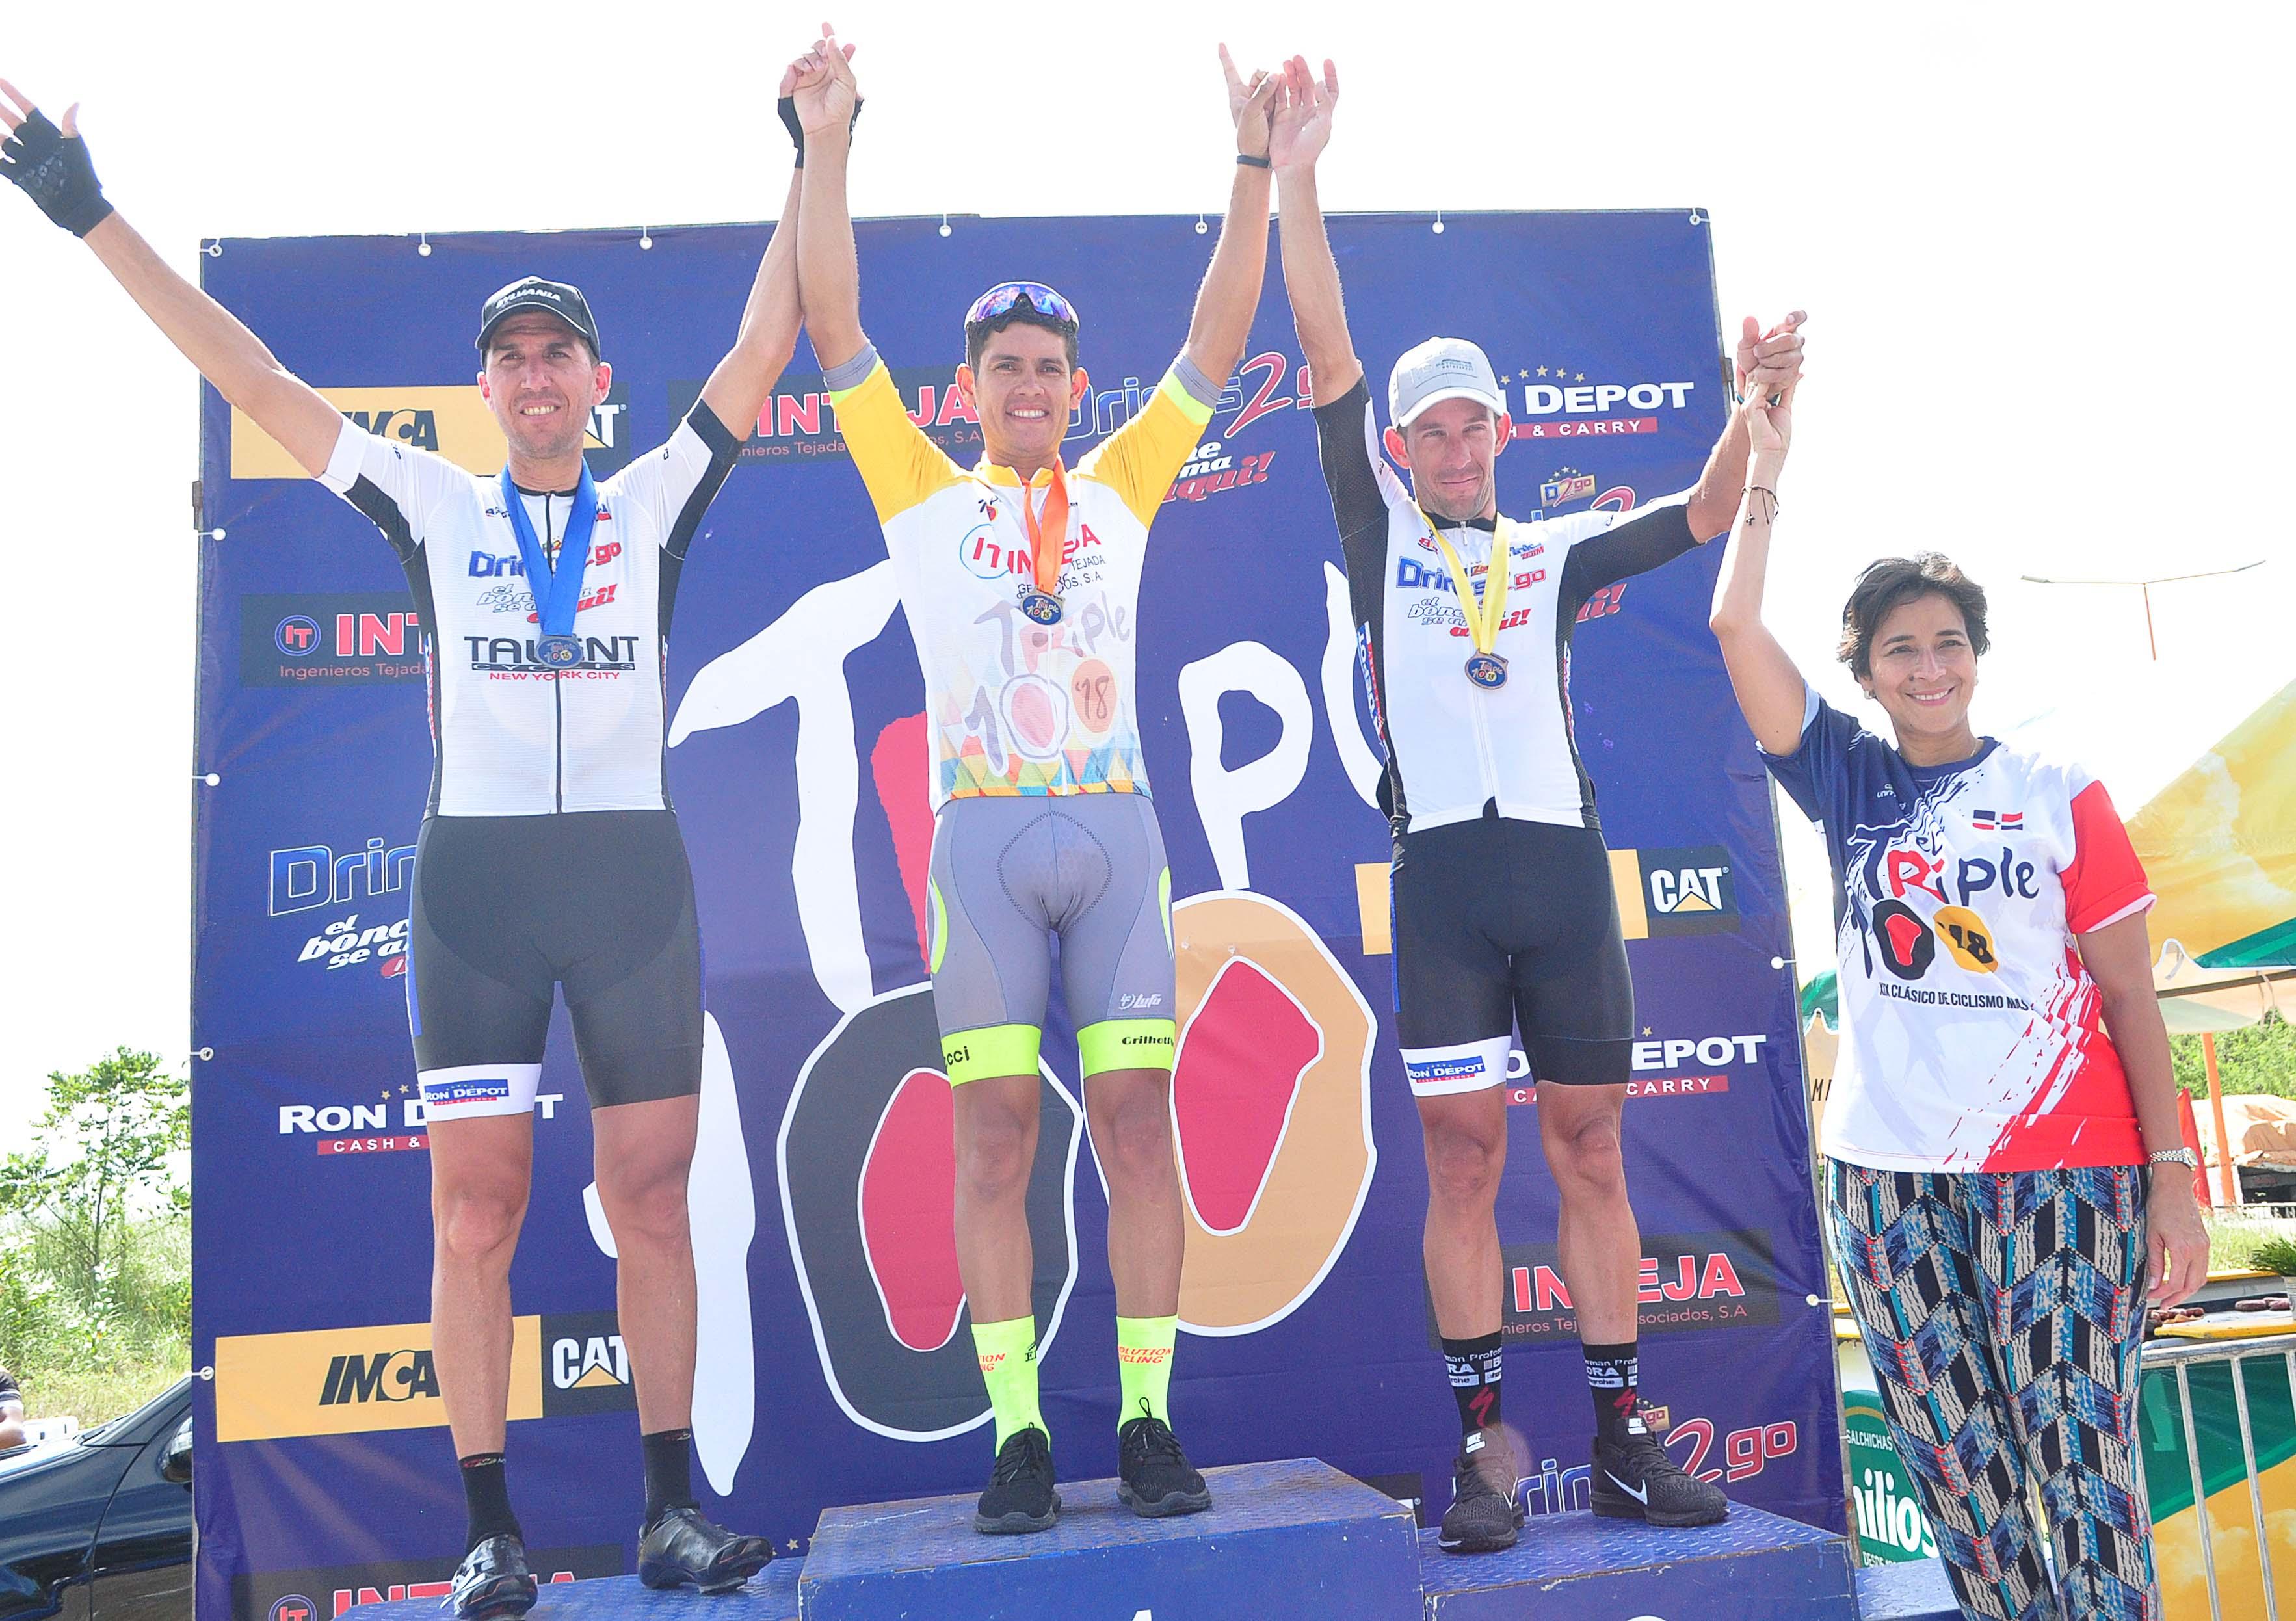 Fredd Matute triunfa en Master A del campeonato de Ciclismo Triple 100